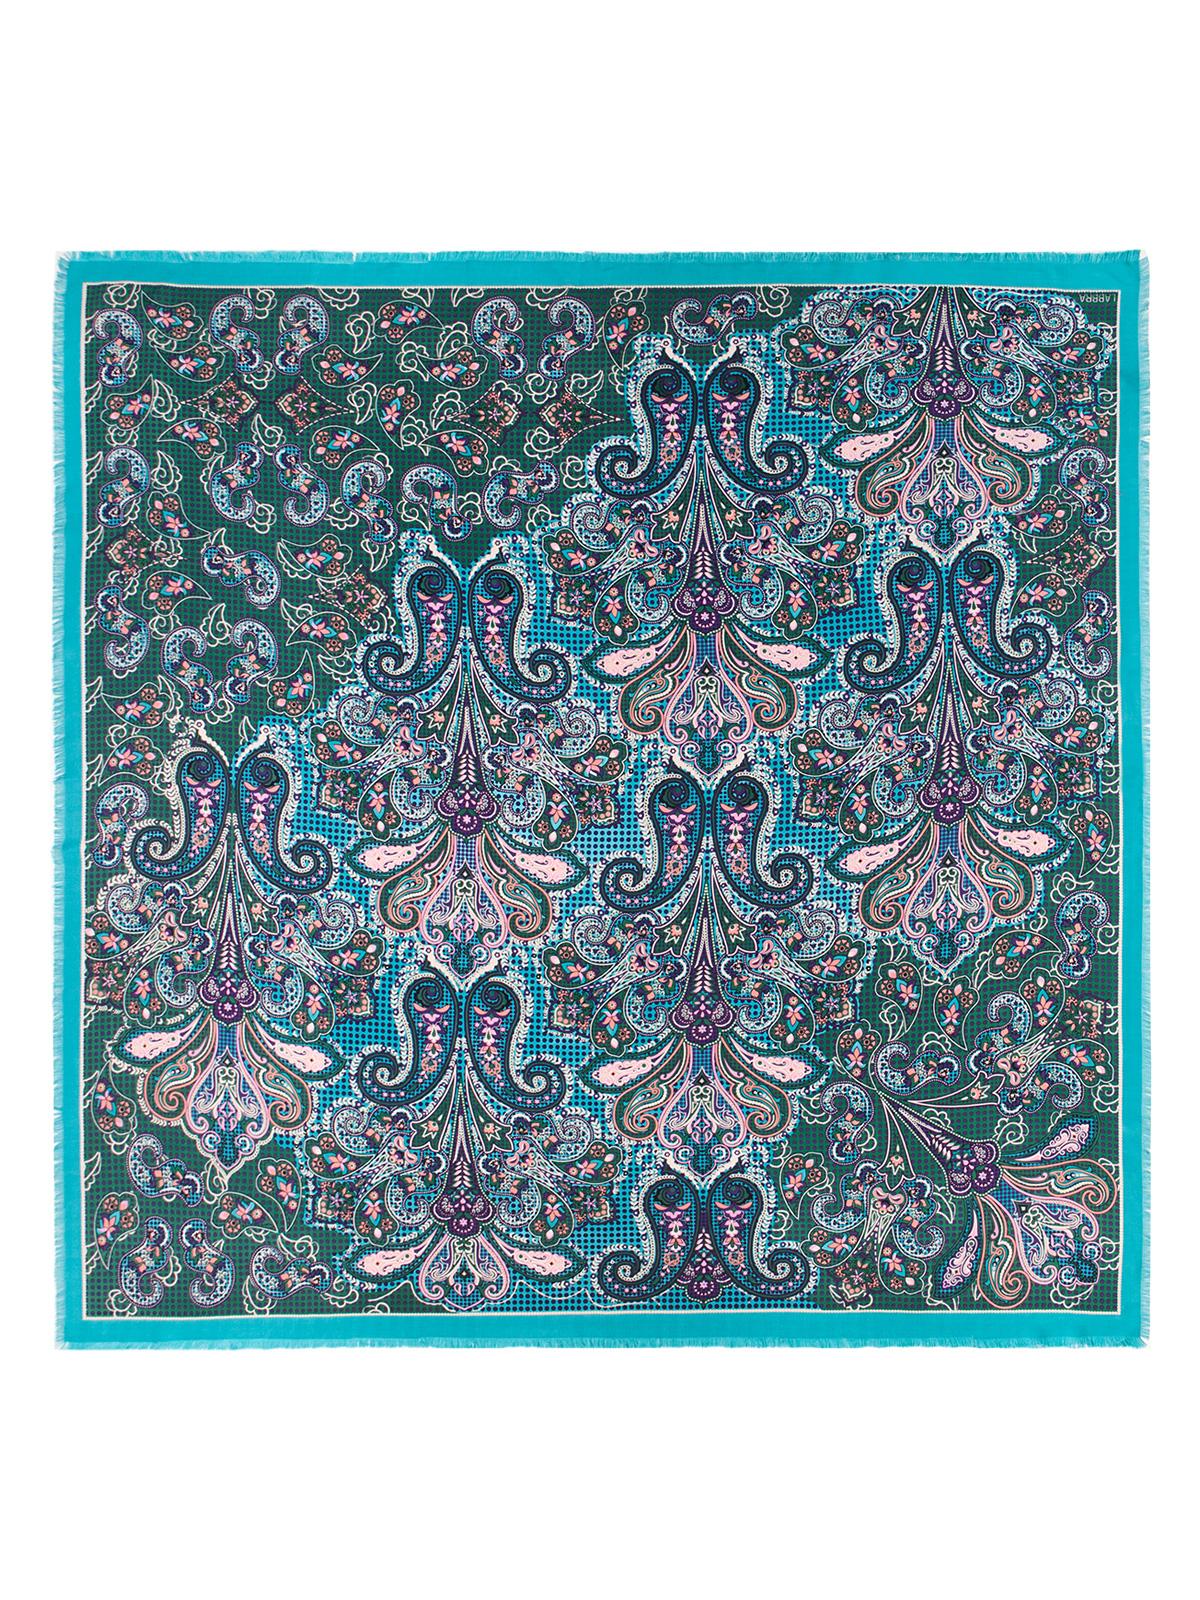 Платок женский Labbra, цвет: темно-зеленый, бирюзовый, светло-розовый. LSZ33-523. Размер 140 см х 140 смLSZ33-523Платок от Labbra изготовлен из вискозы с добавлением шерсти и оформлен ярким принтом. Края изделия декорированы бахромой.